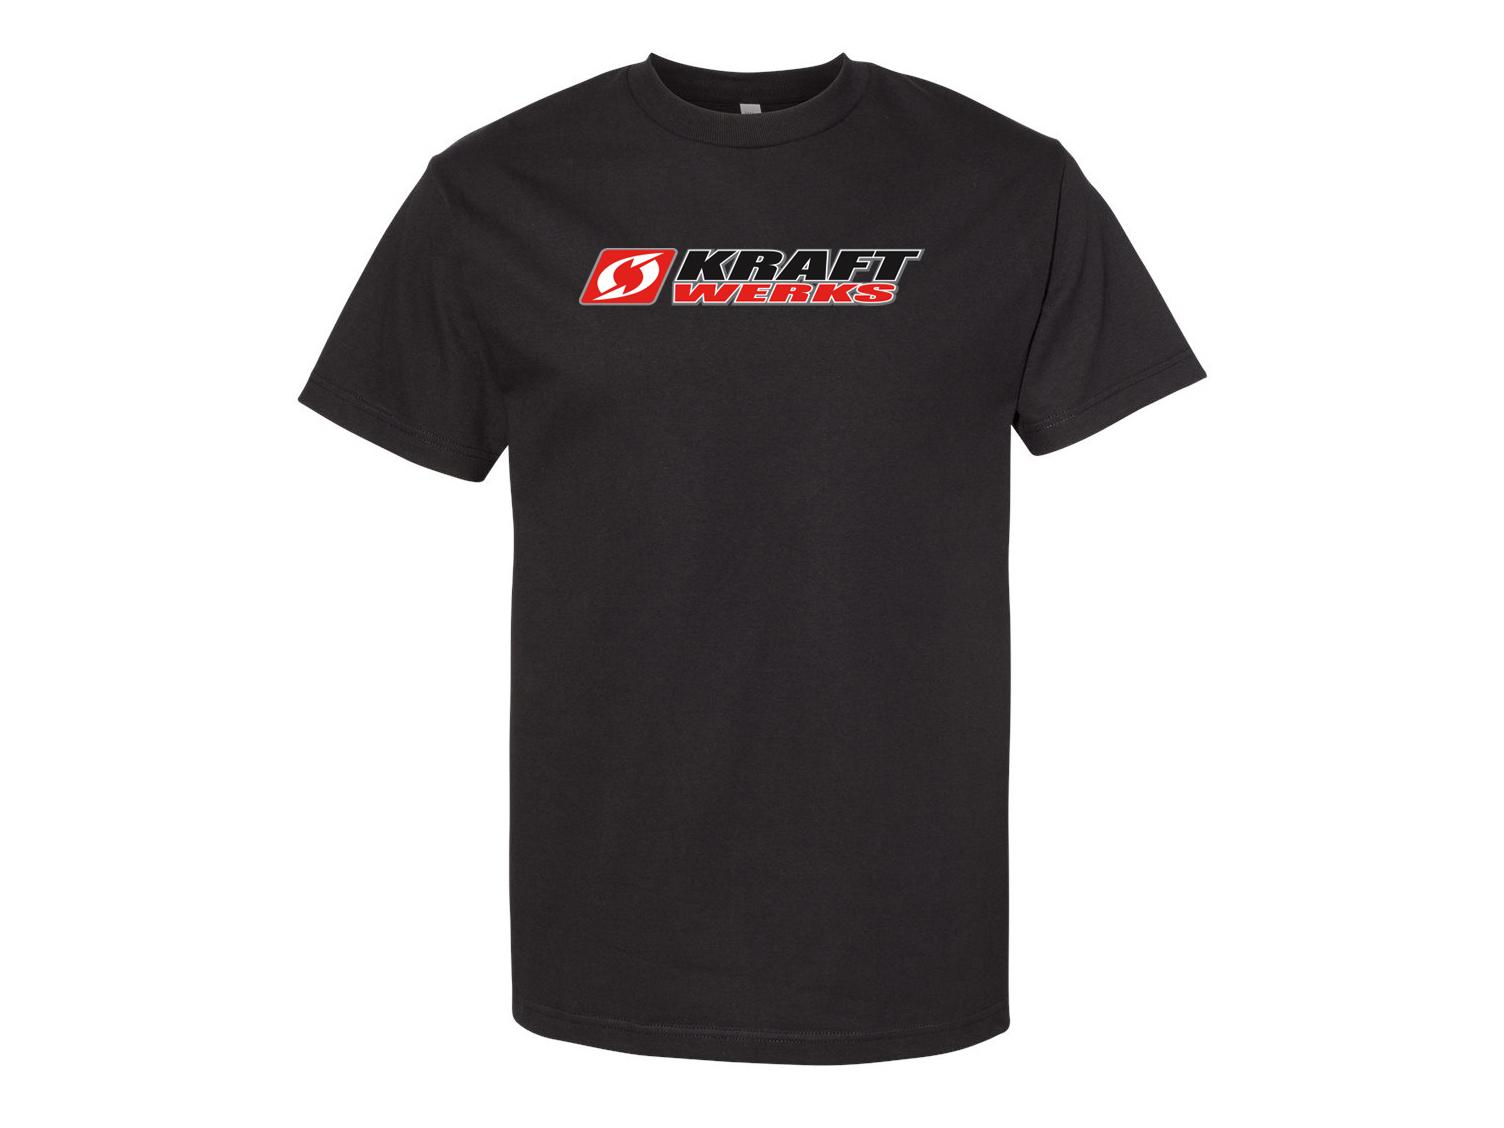 KraftWerks  T-Shirt - Large - Black